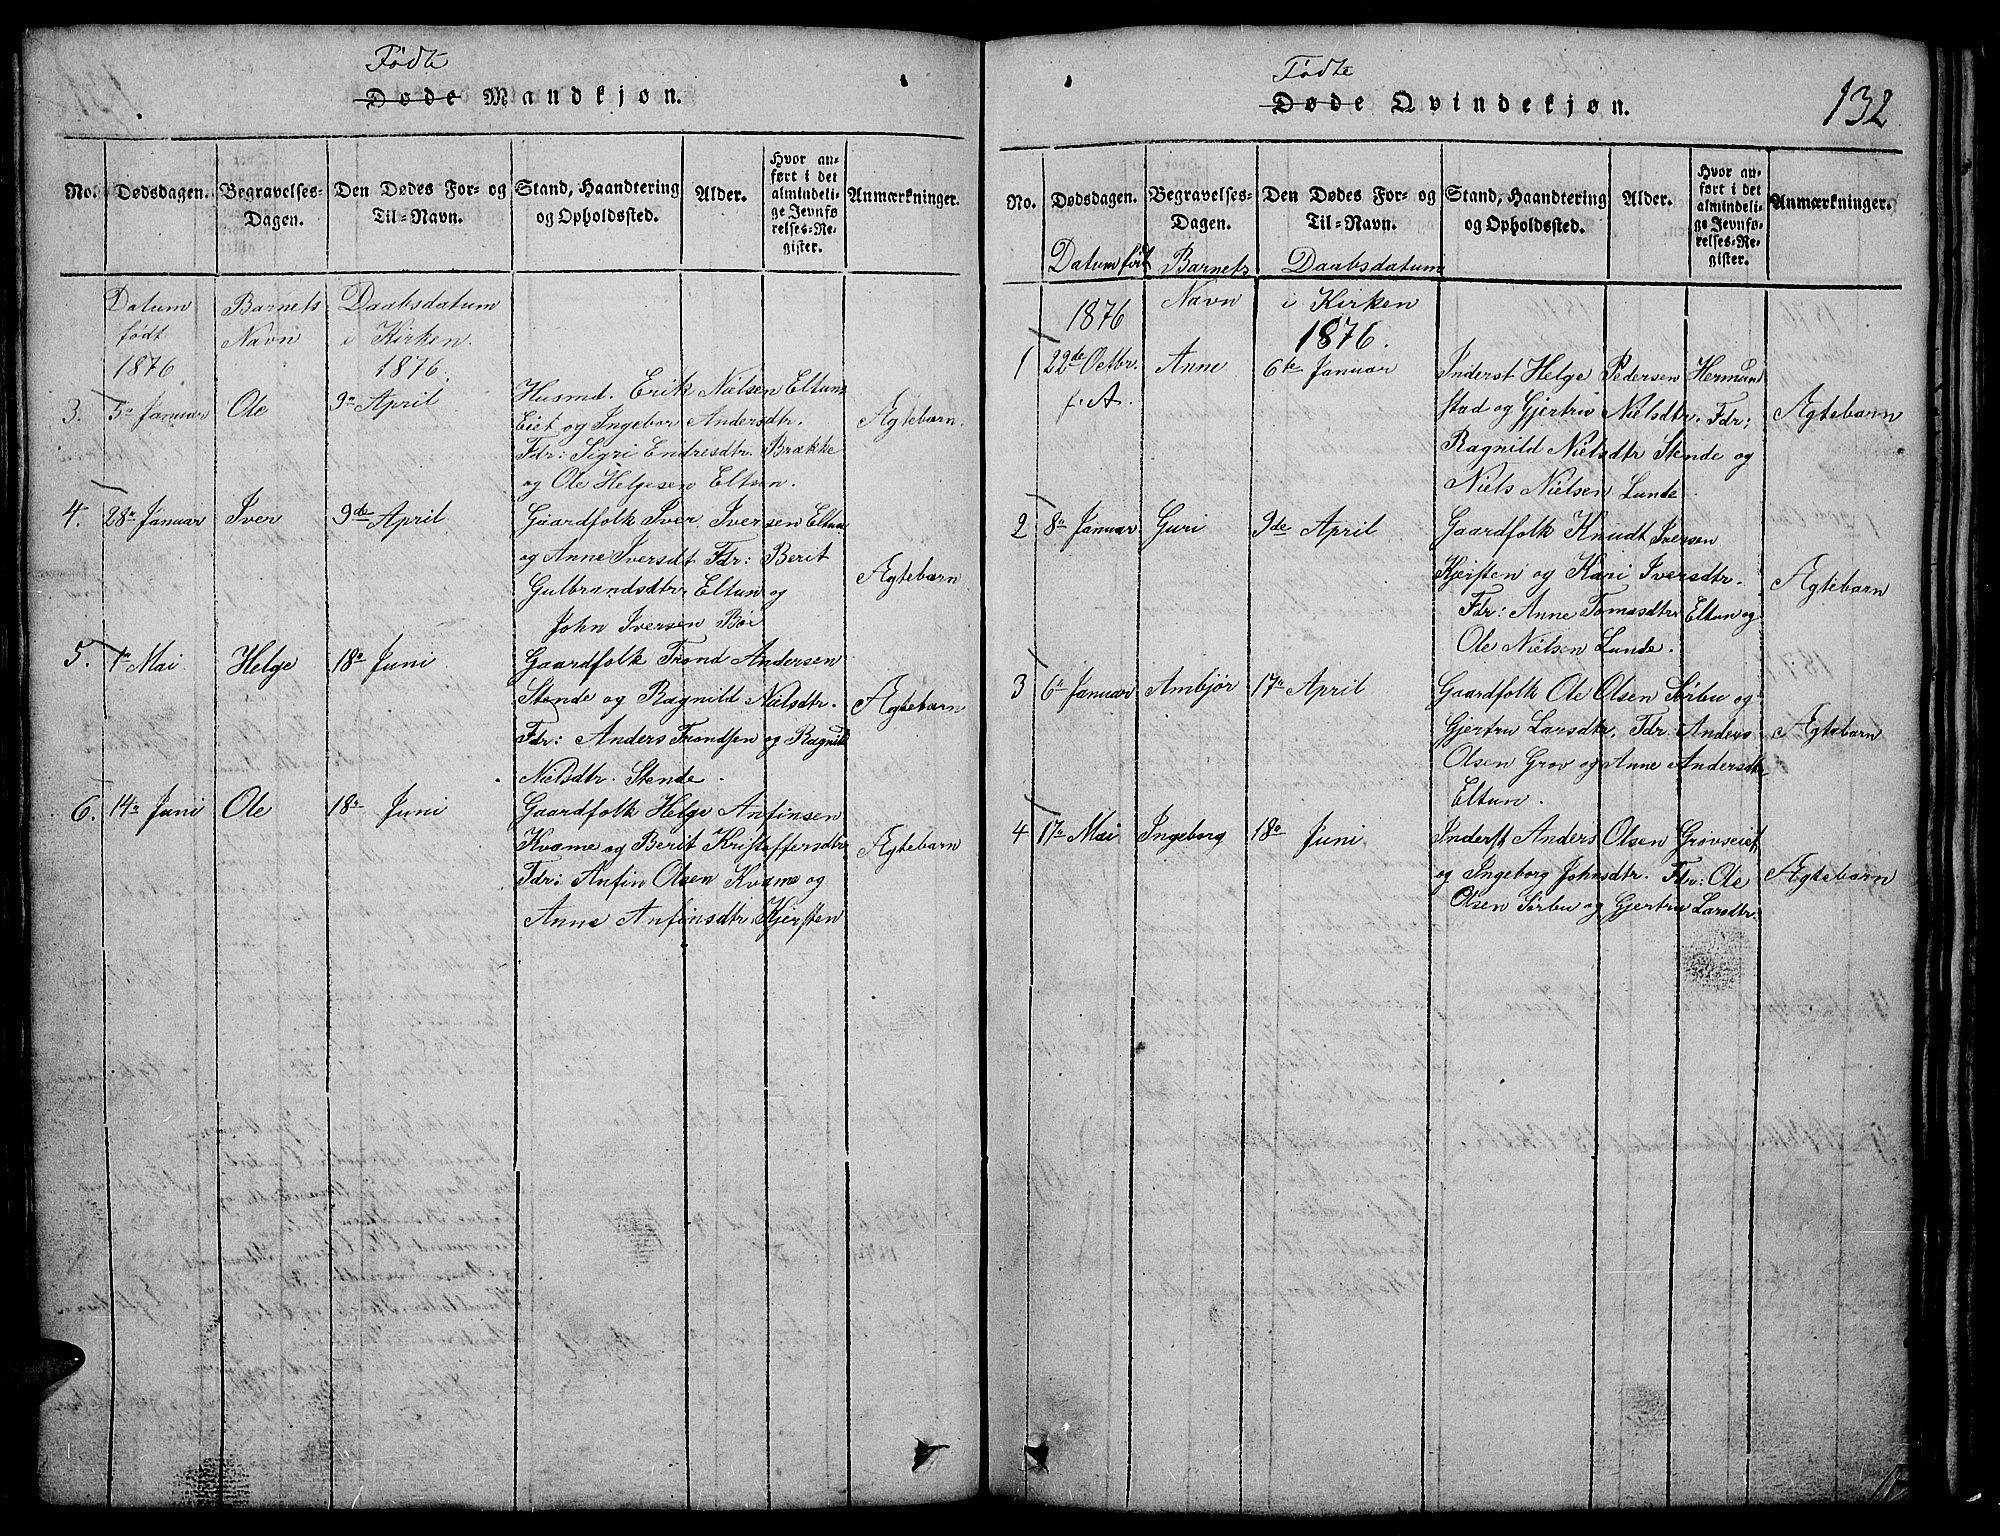 SAH, Vang prestekontor, Valdres, Klokkerbok nr. 2, 1814-1889, s. 132